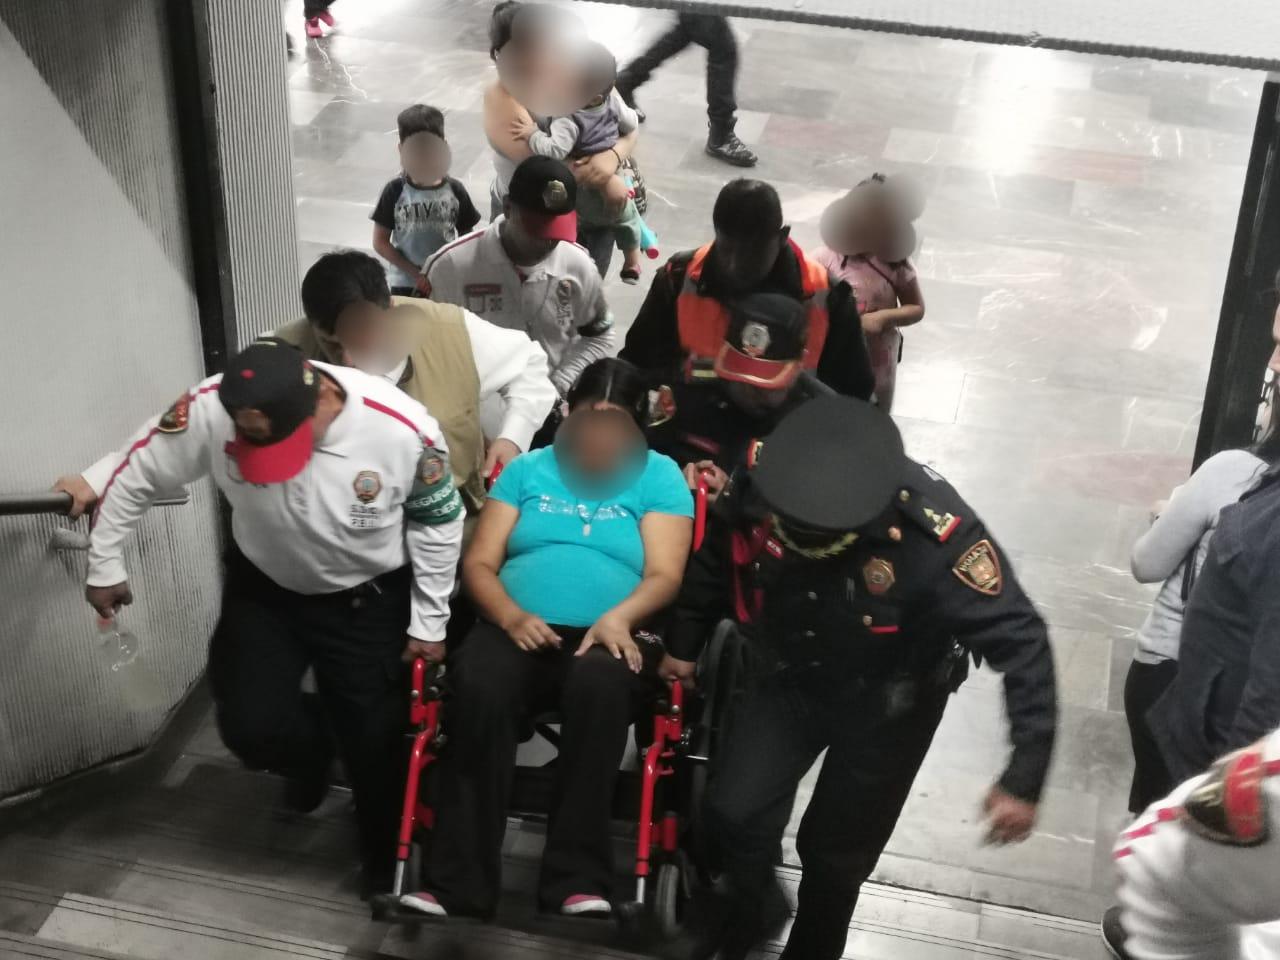 Policía de la PBI de la SSC brinda apoyo a una mujer con dolores de parto en la estación Hidalgo del Metro